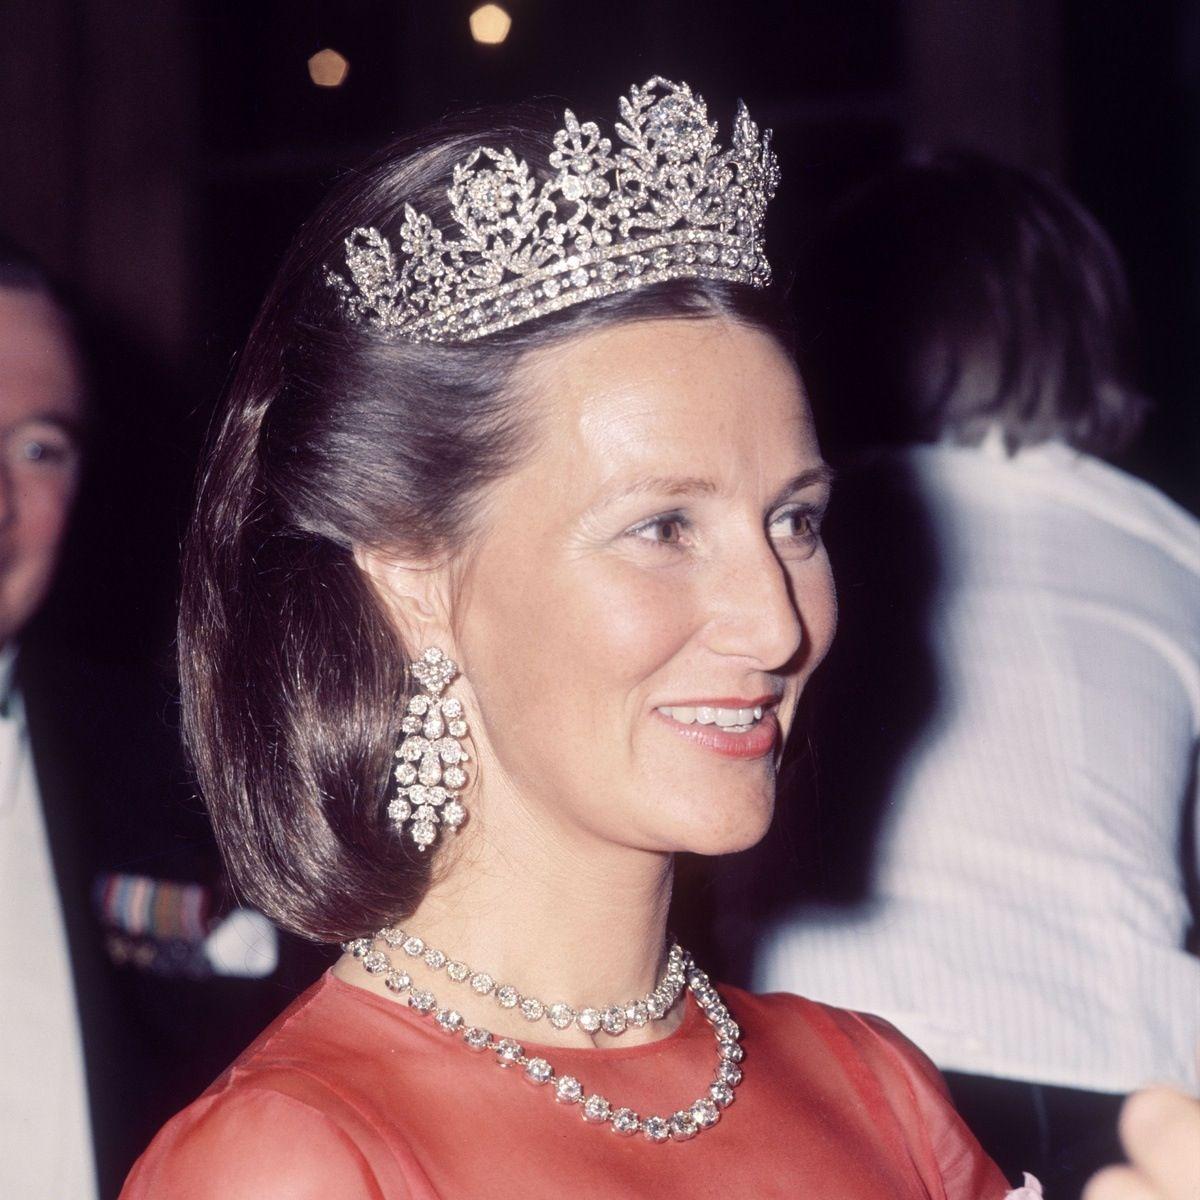 La regina sonia di norvegia con la tiara di diamanti for Tiara di diamanti